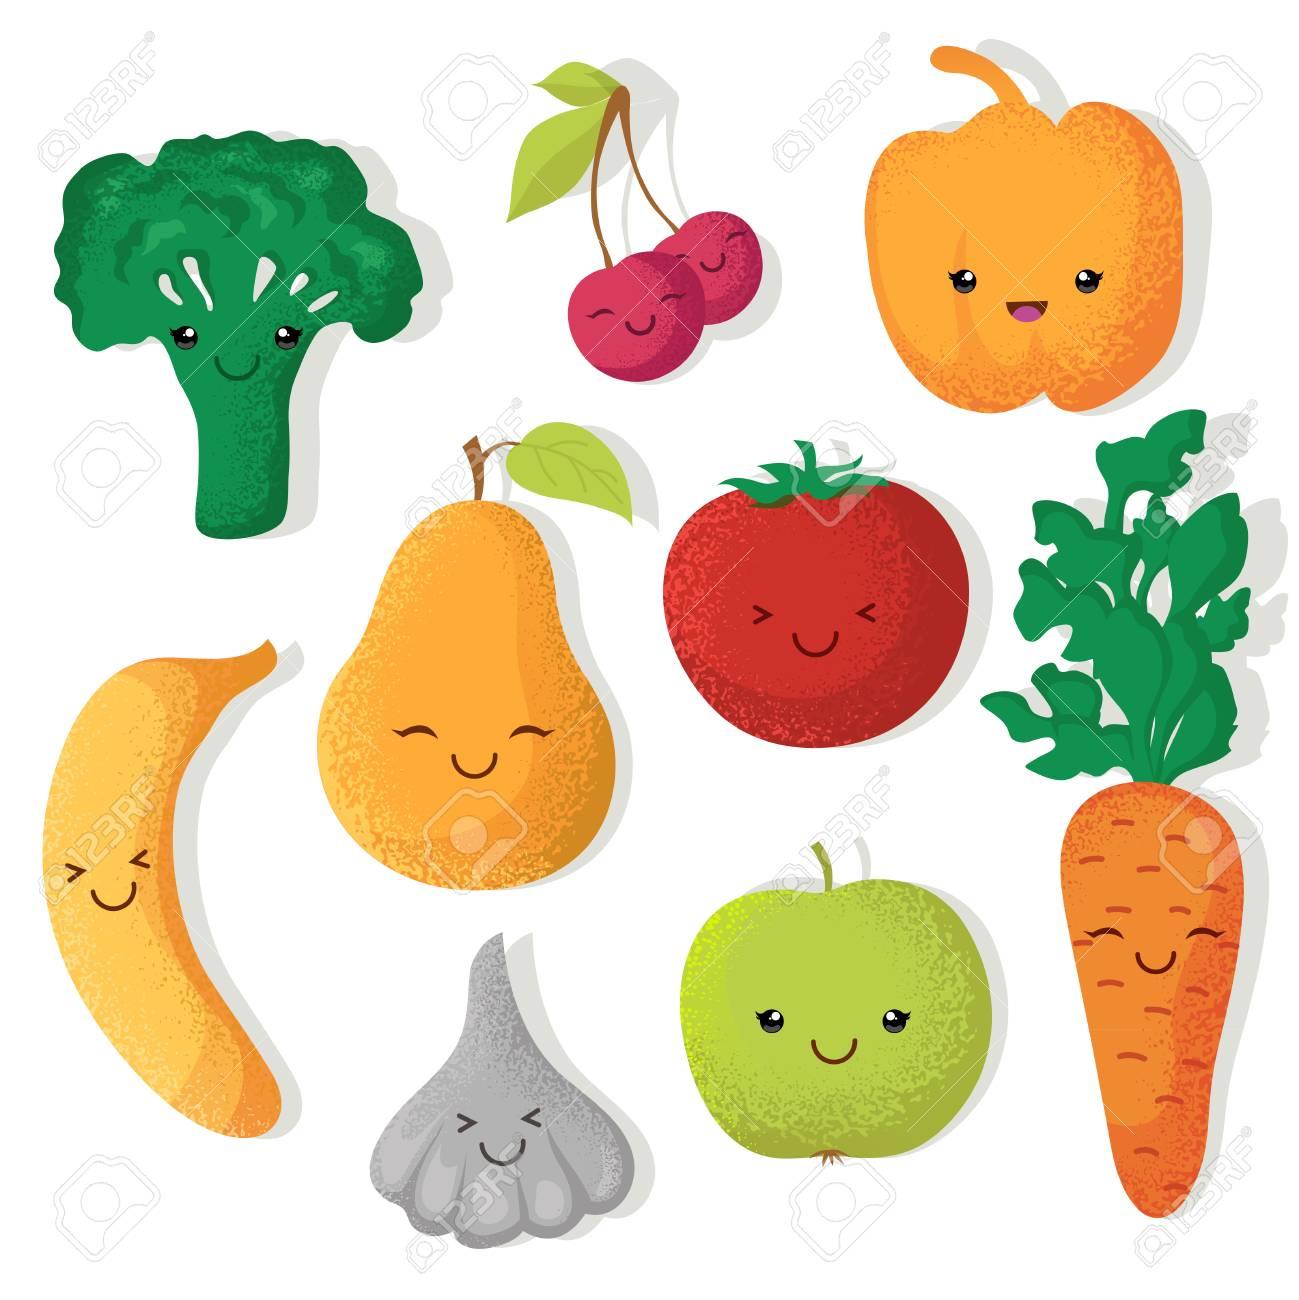 Dibujos Animados Divertidos Frutas Y Verduras Vectores Personajes Ilustración De Frutas Y Verduras Tomate Y Pera